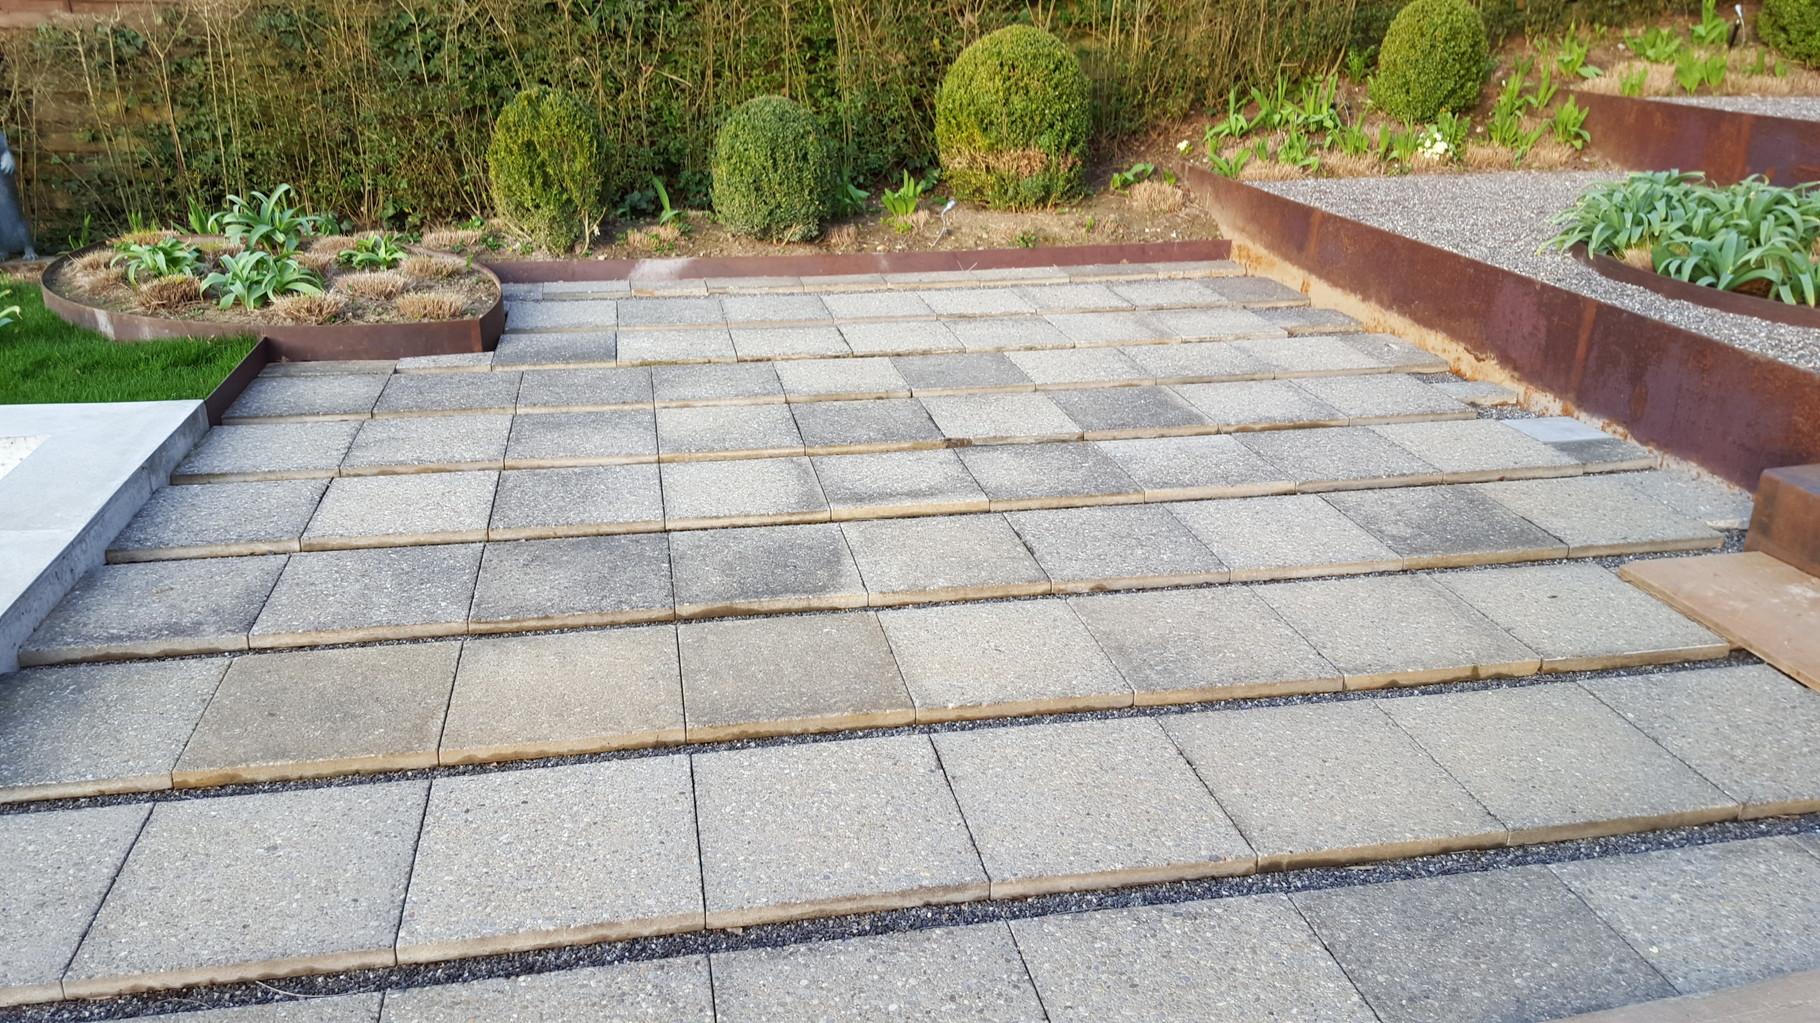 Als Unterkonstruktion dienen die alten Gartenplatten, die der Gartenbauer sehr exakt verlegt hatte. (DANKE)